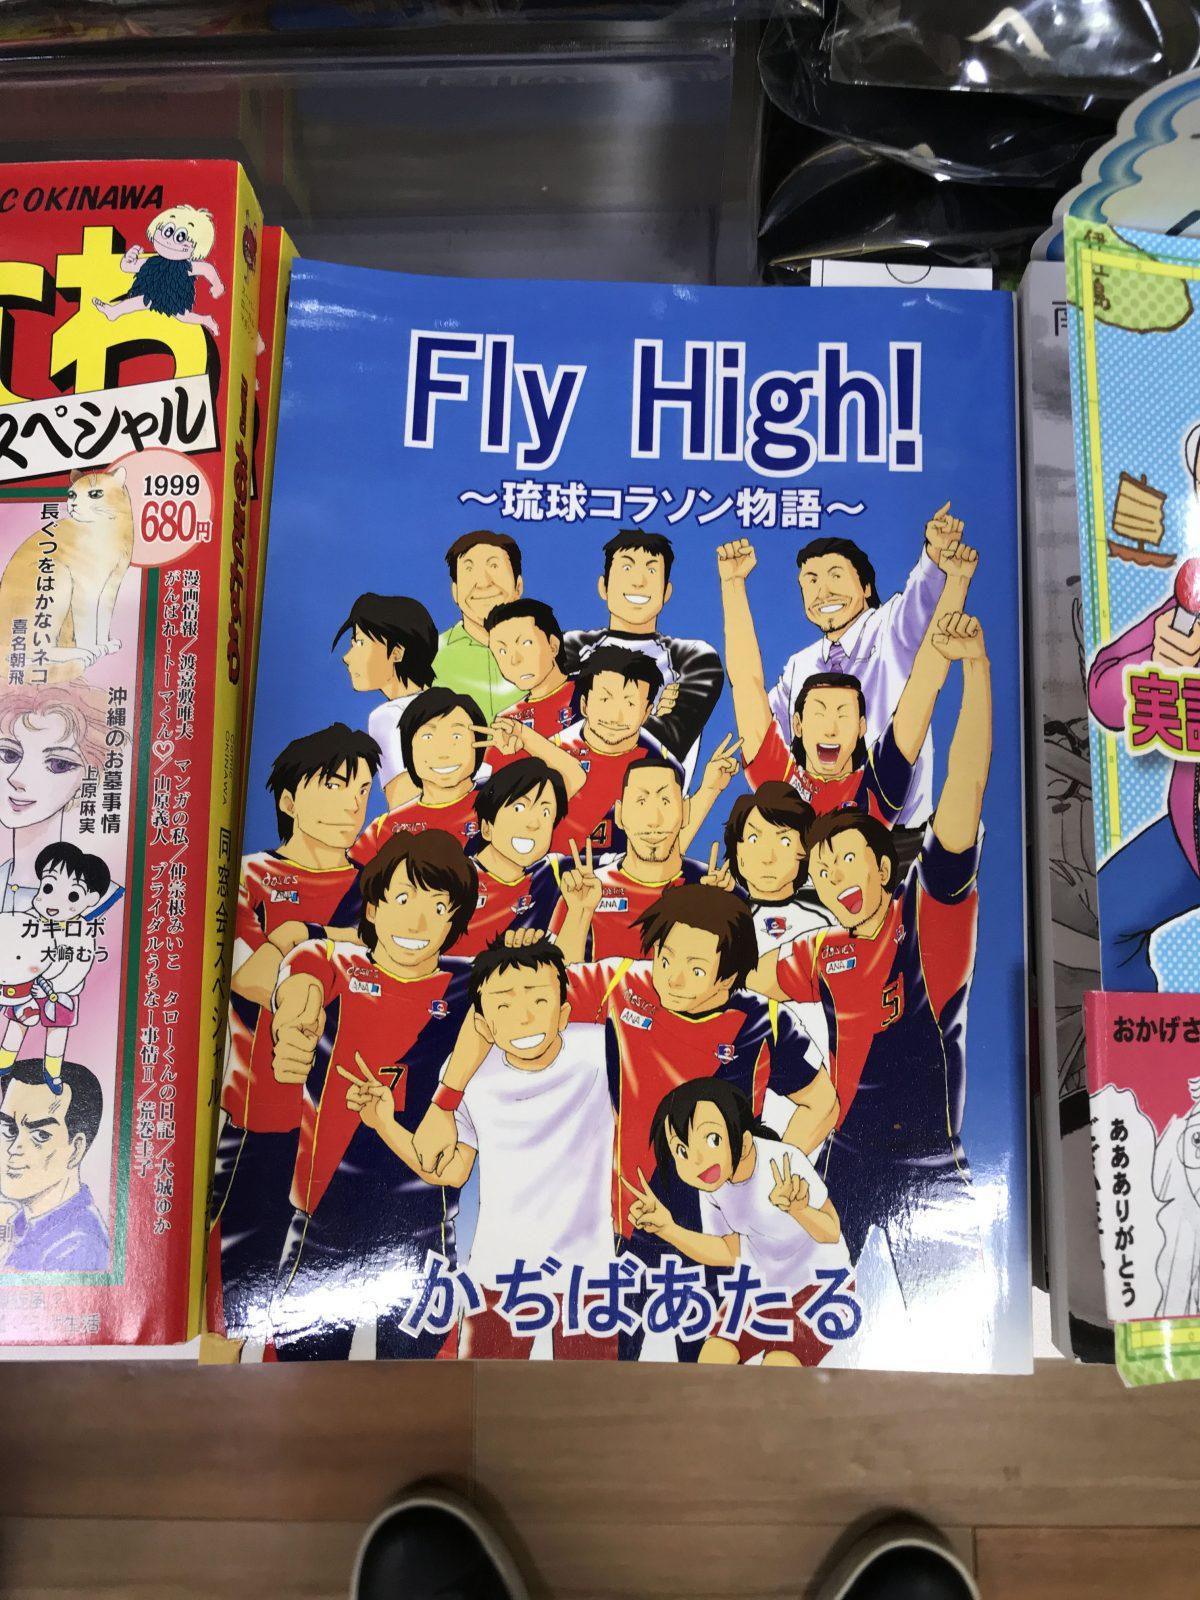 開催中〜7月3日(水)まで!「第21回沖縄県産本フェア」「Fly High! 〜琉球コラソン物語〜」追加納品してきました!